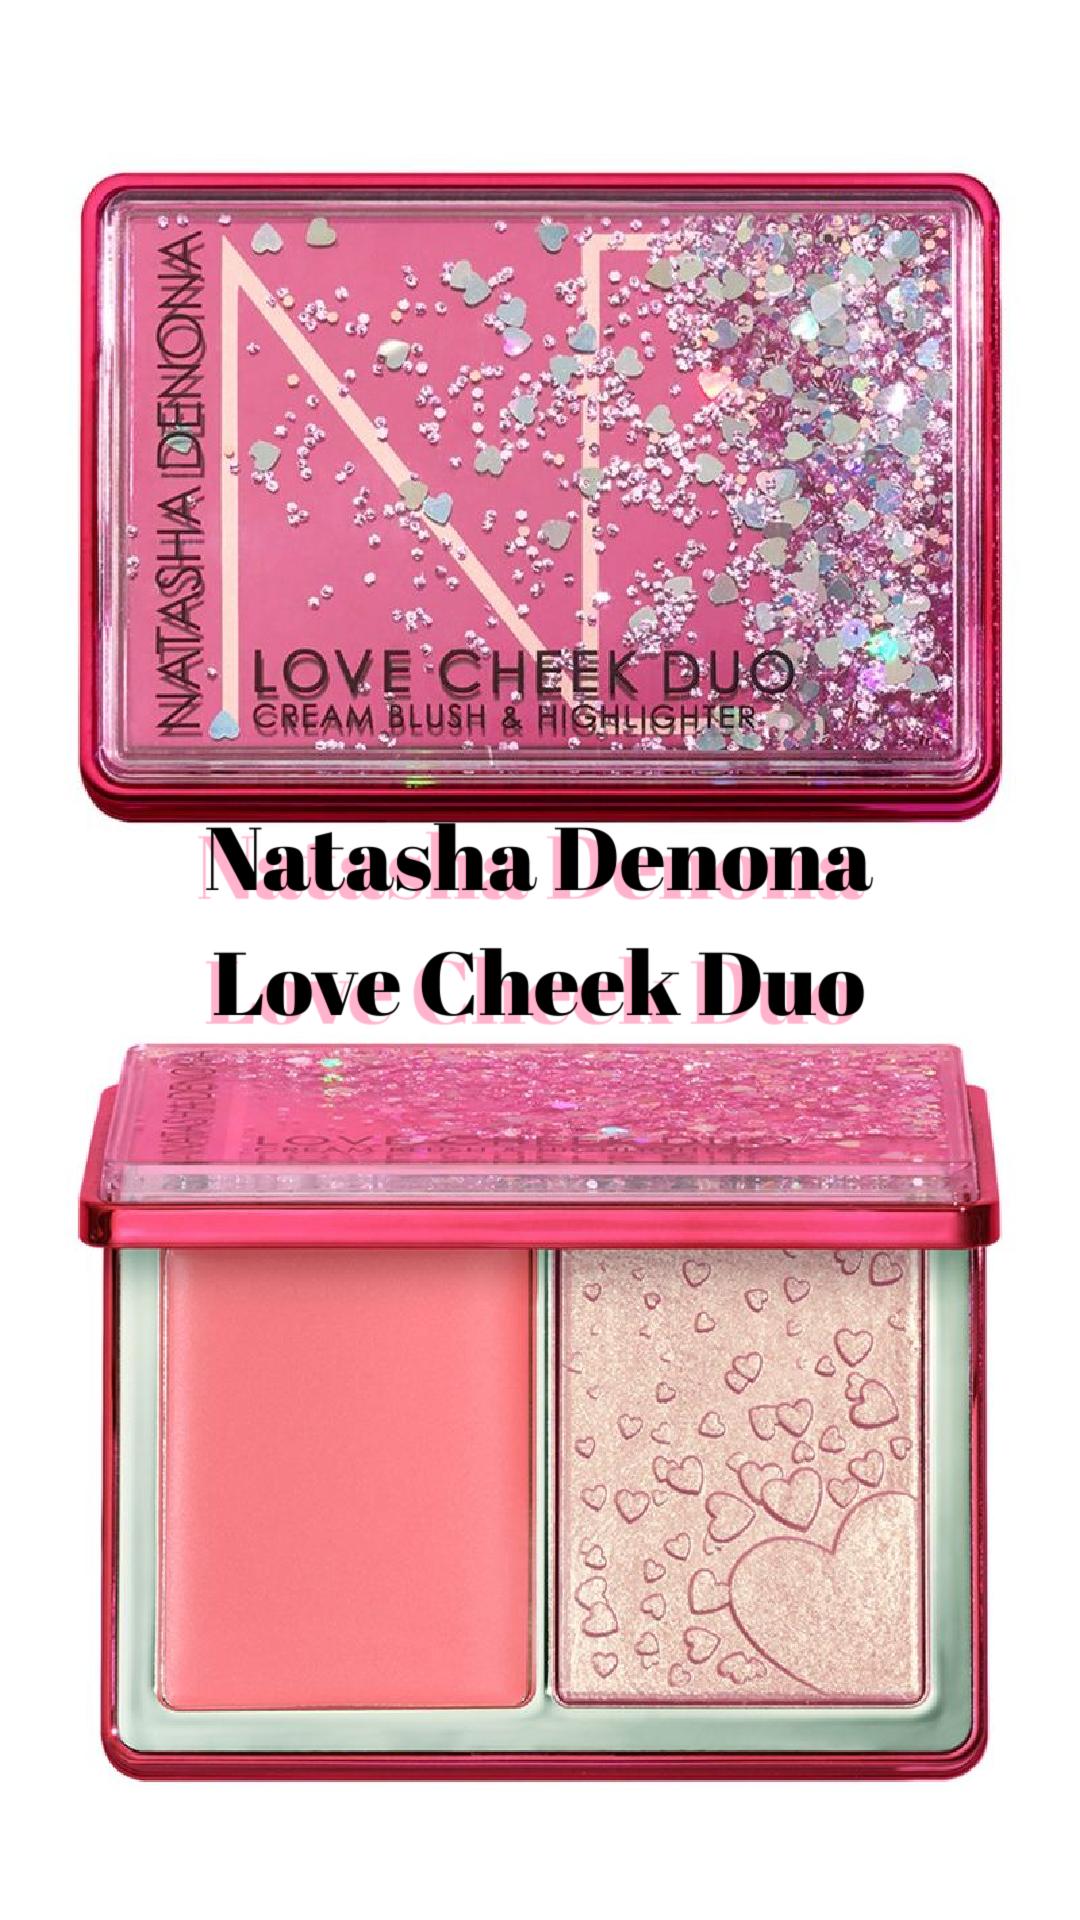 Natasha Denona Love Cheek Duo